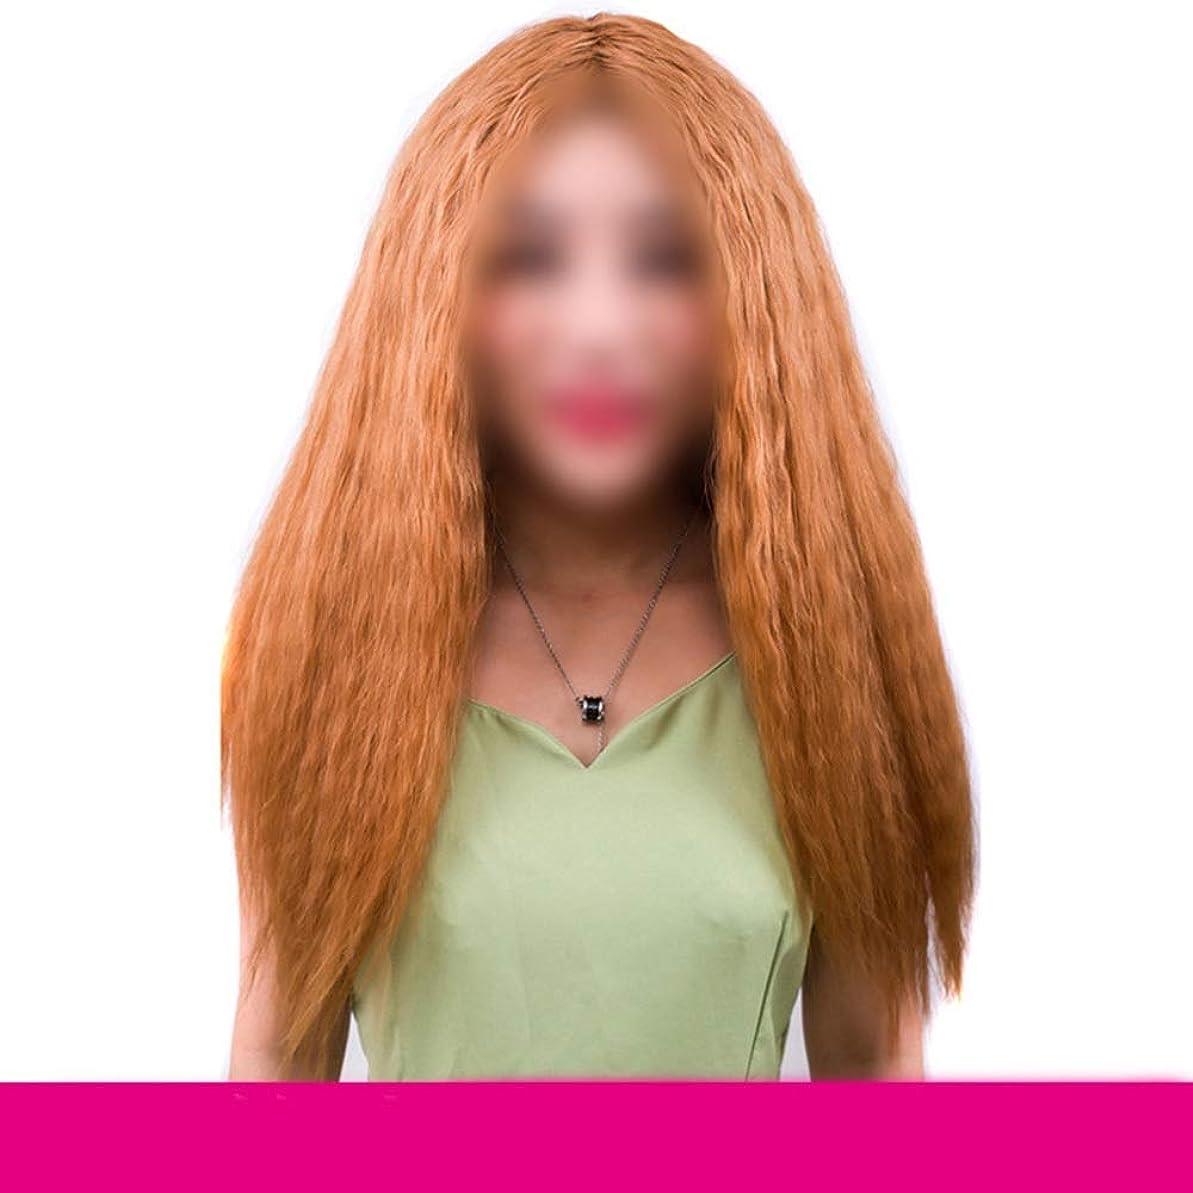 つぶす外部些細なBOBIDYEE ブラジルのリアル人間の毛延長ライトブラウンコーンホットロングカーリーヘア女性のための人工毛レースのかつらロールプレイングかつら (色 : ブラウン)